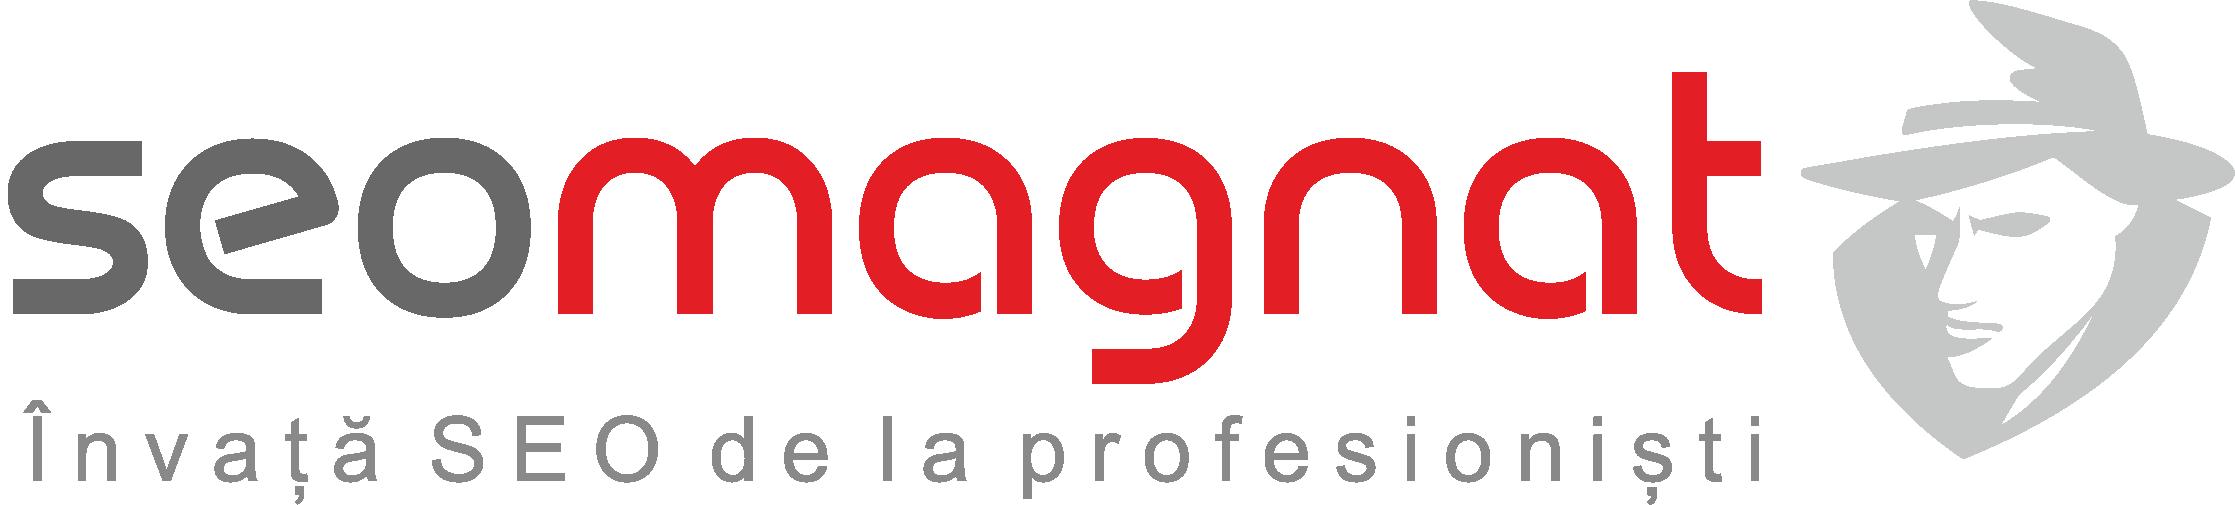 Web design Seo Magnat